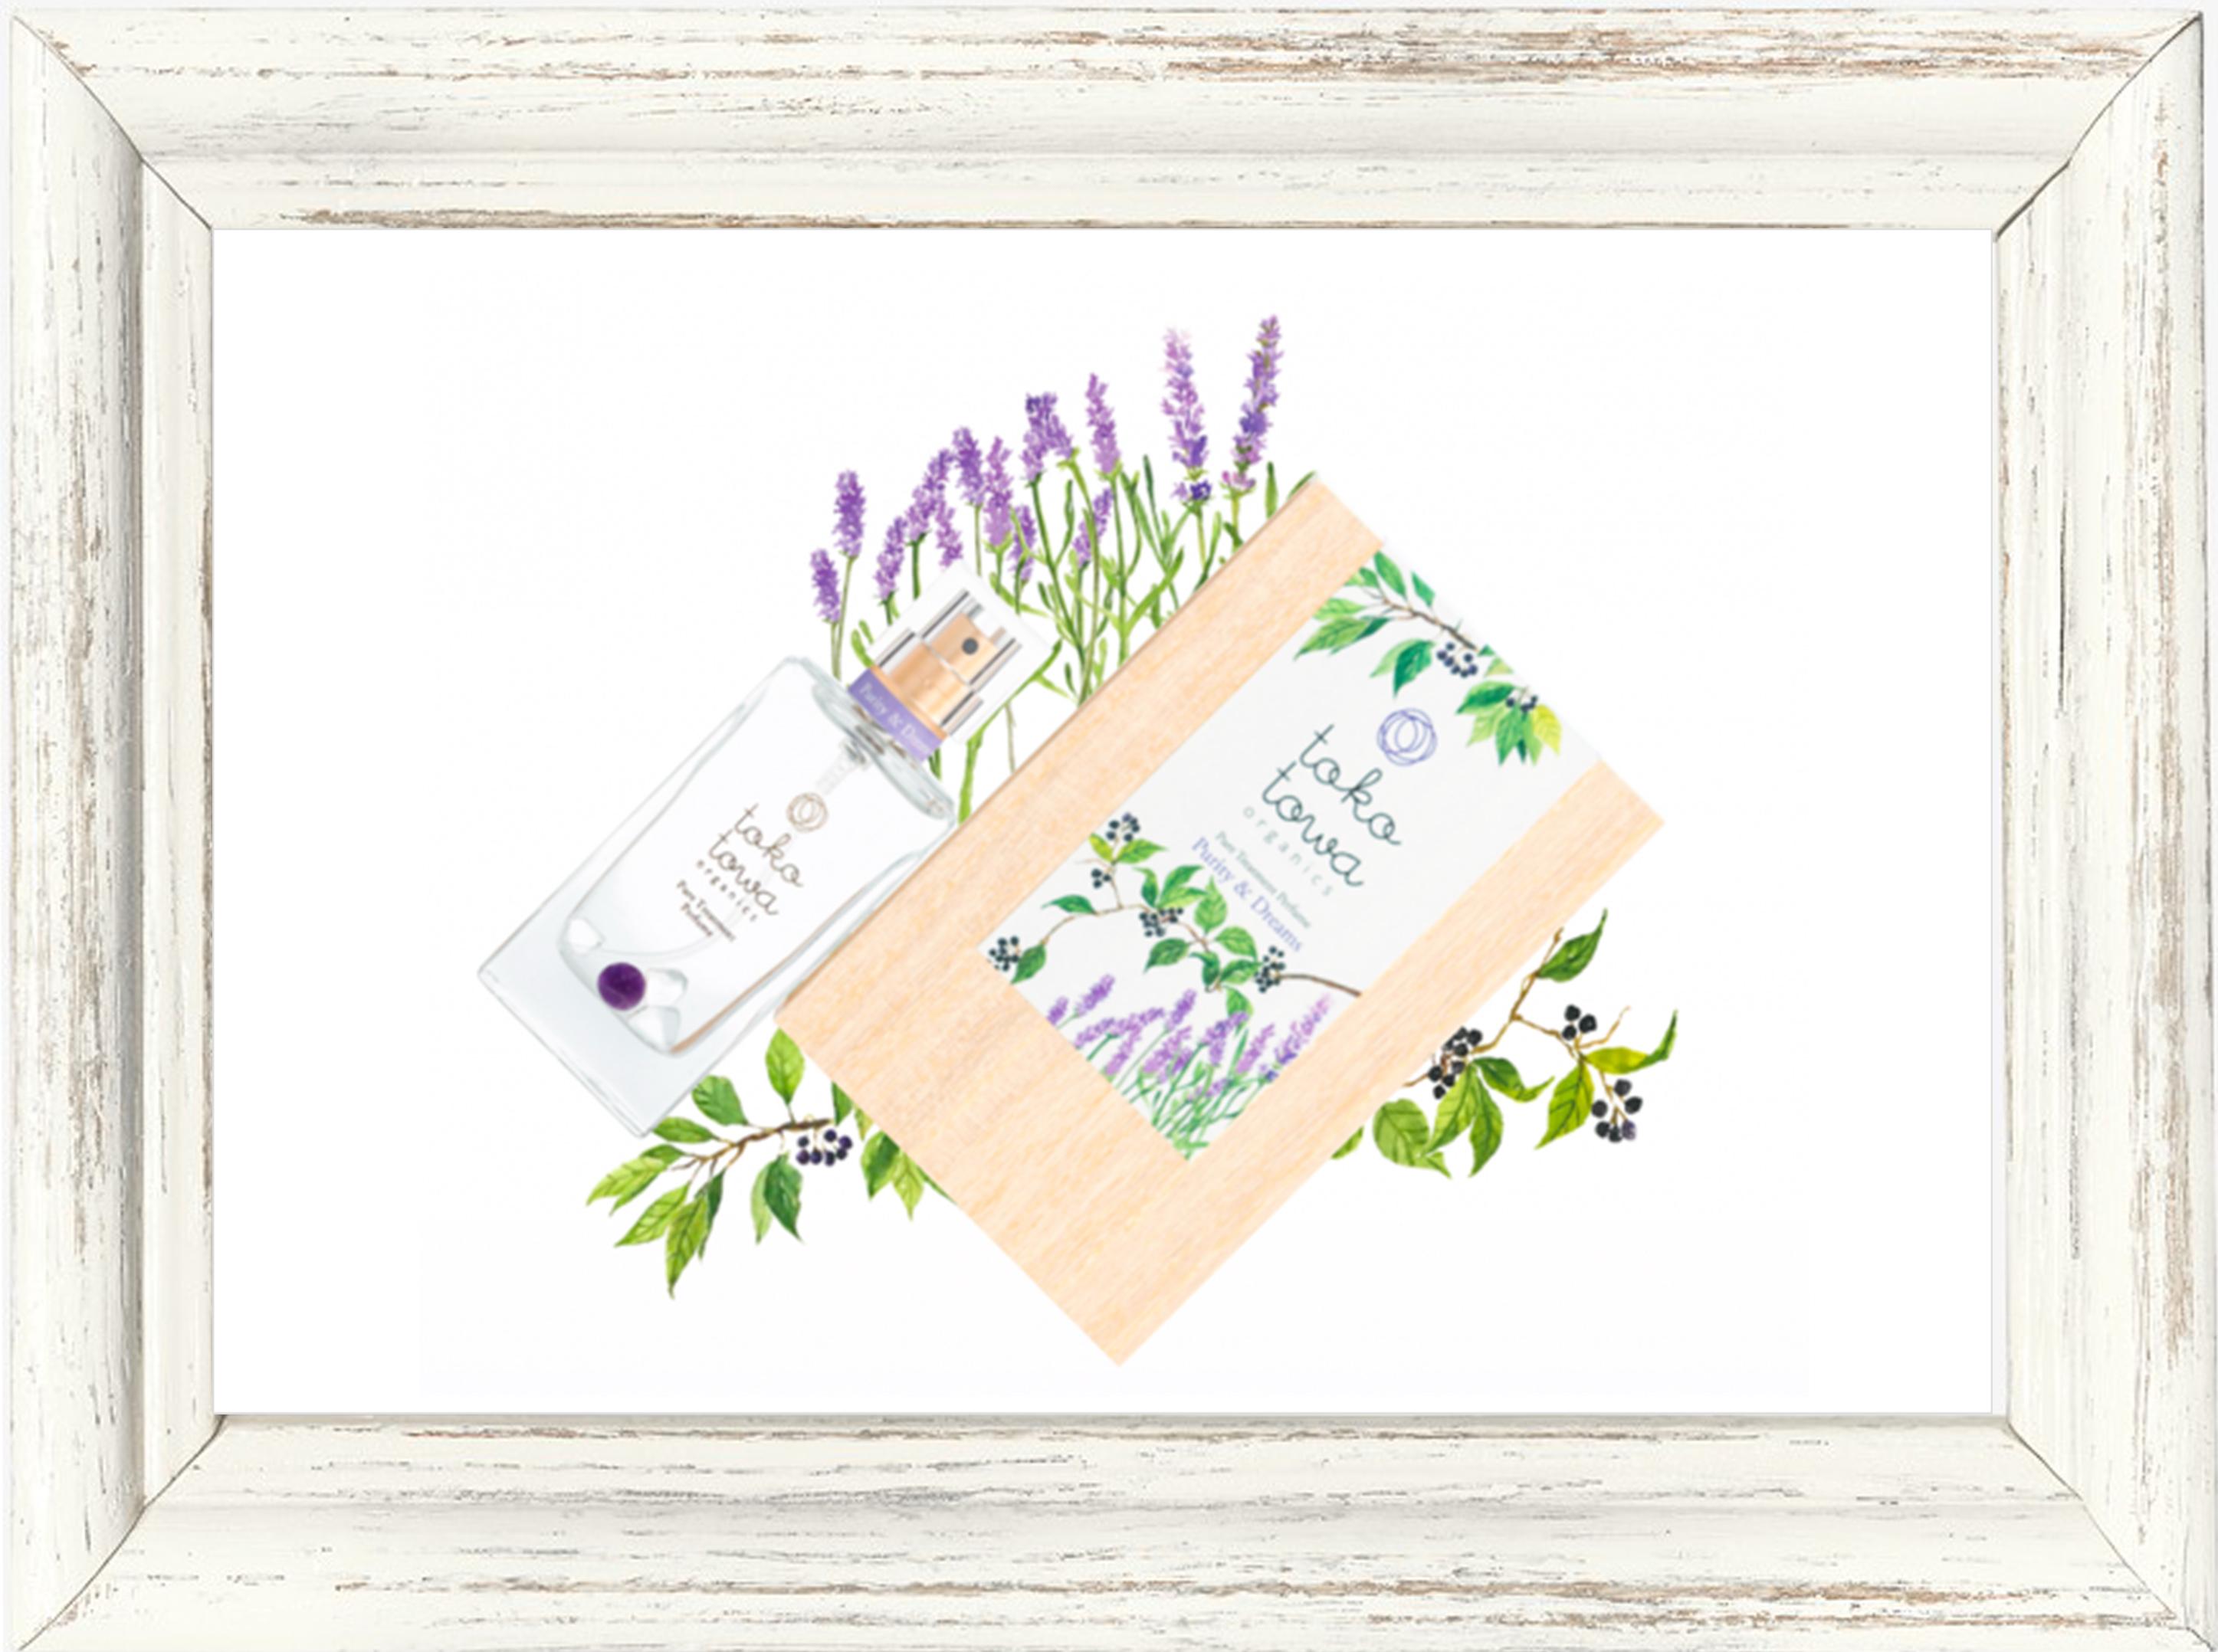 パフューム▶︎tokotowa organics ピュリティ&ドリームズ (バイオレット) 香水 25ml